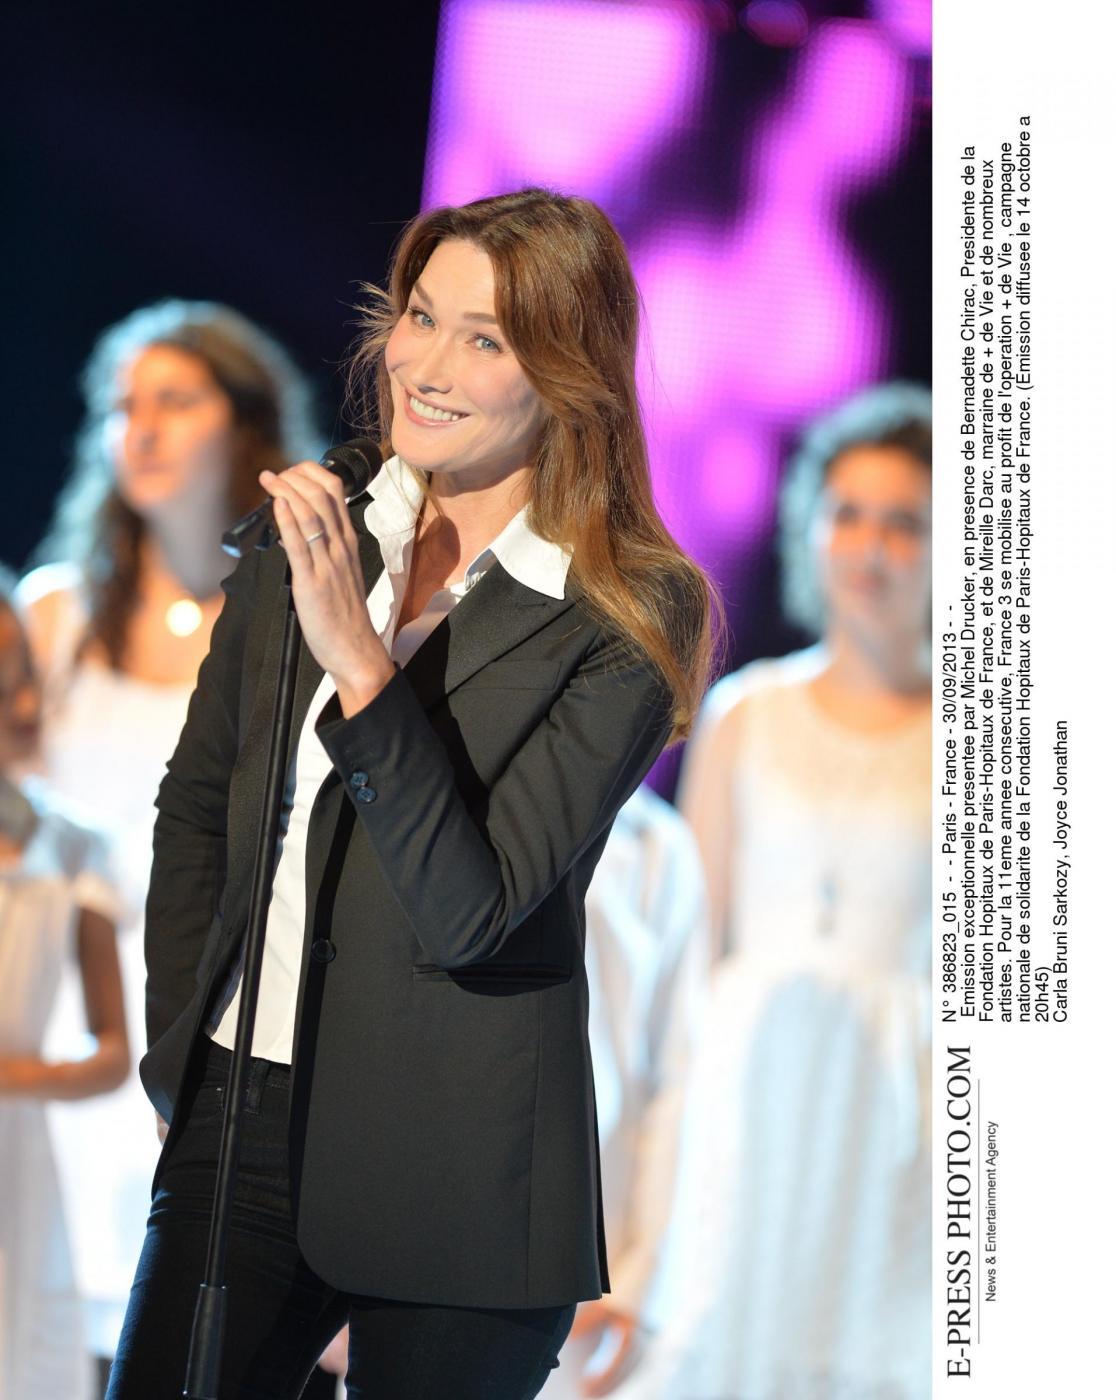 Quando Carla Bruni stregò Fillon apparendo in lingerie per l'Eliseo 01